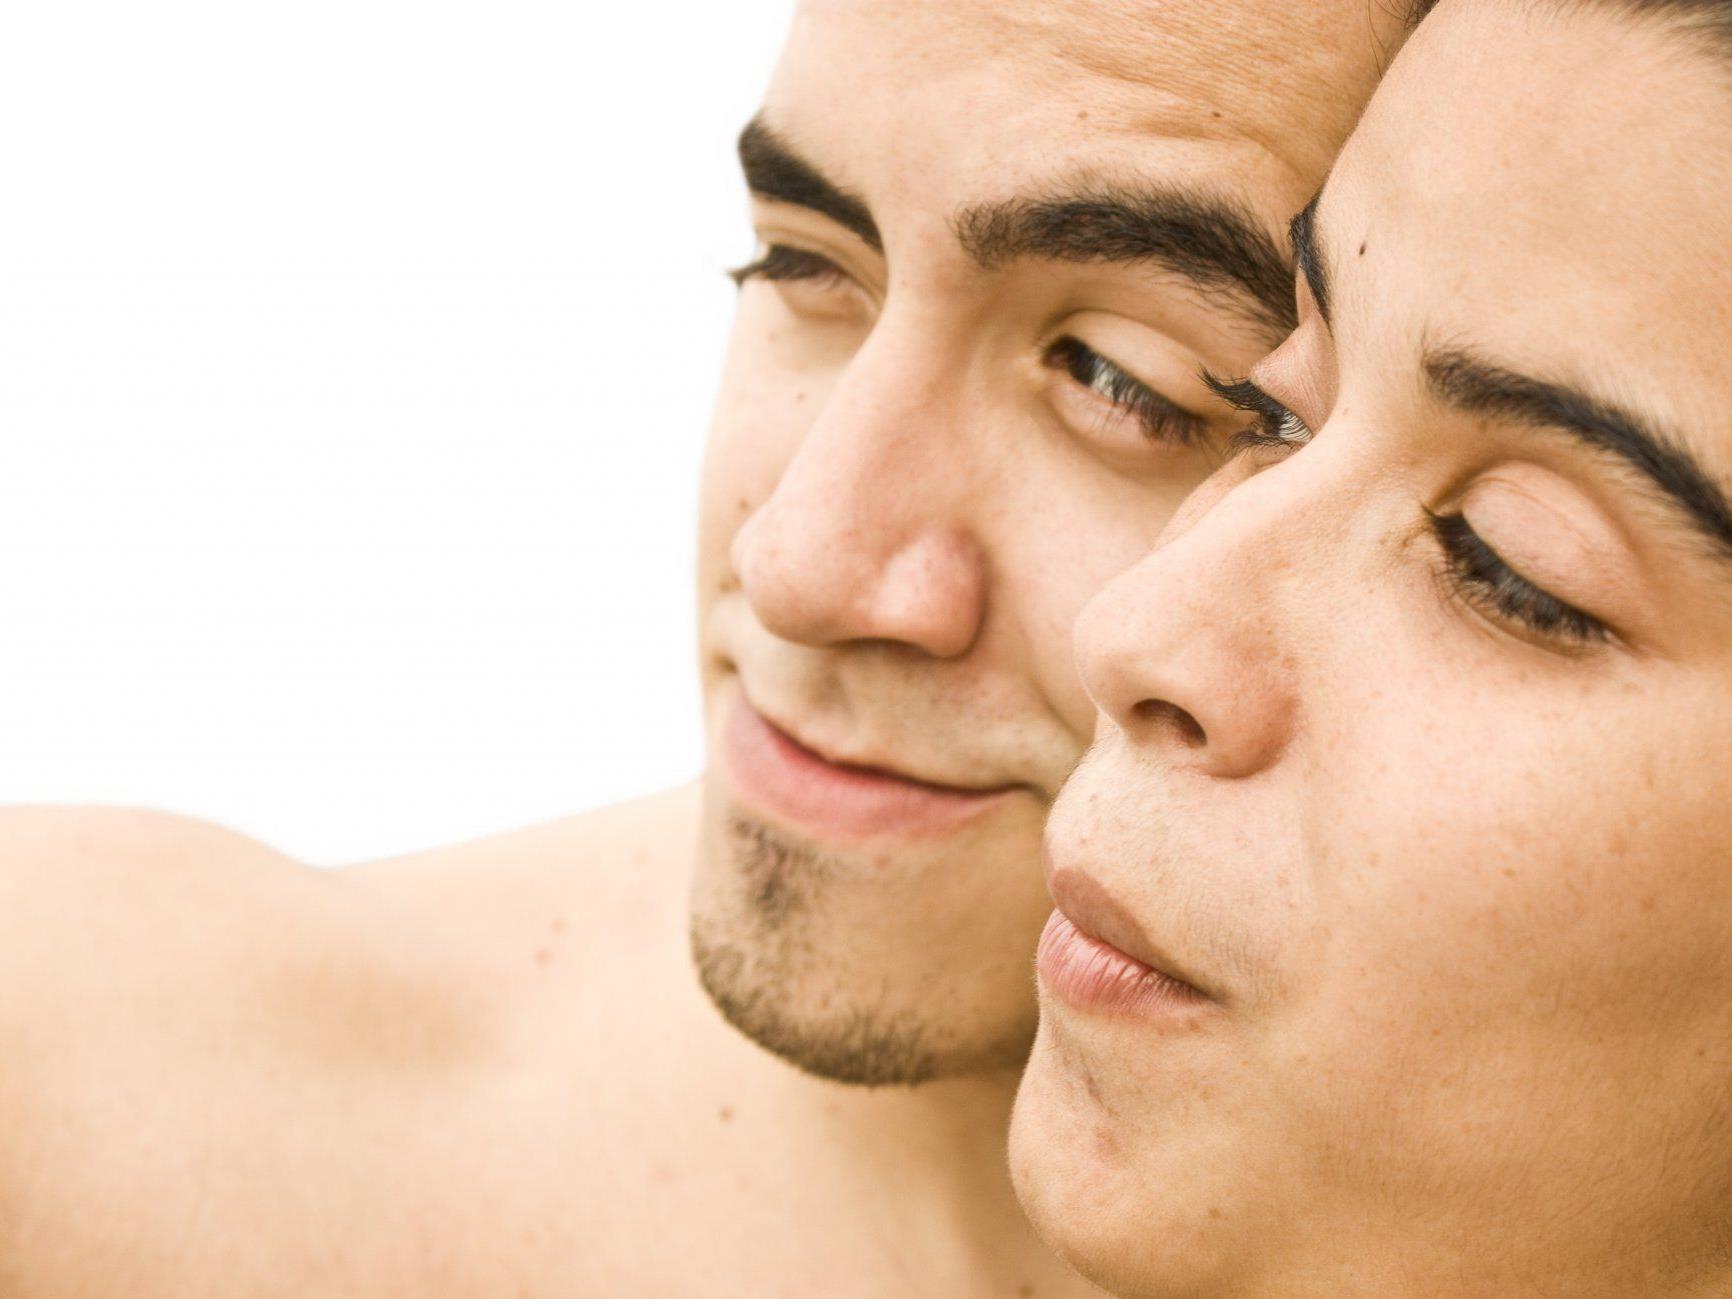 Mann und Frau: Zwei völlig andere Persönlichkeiten.